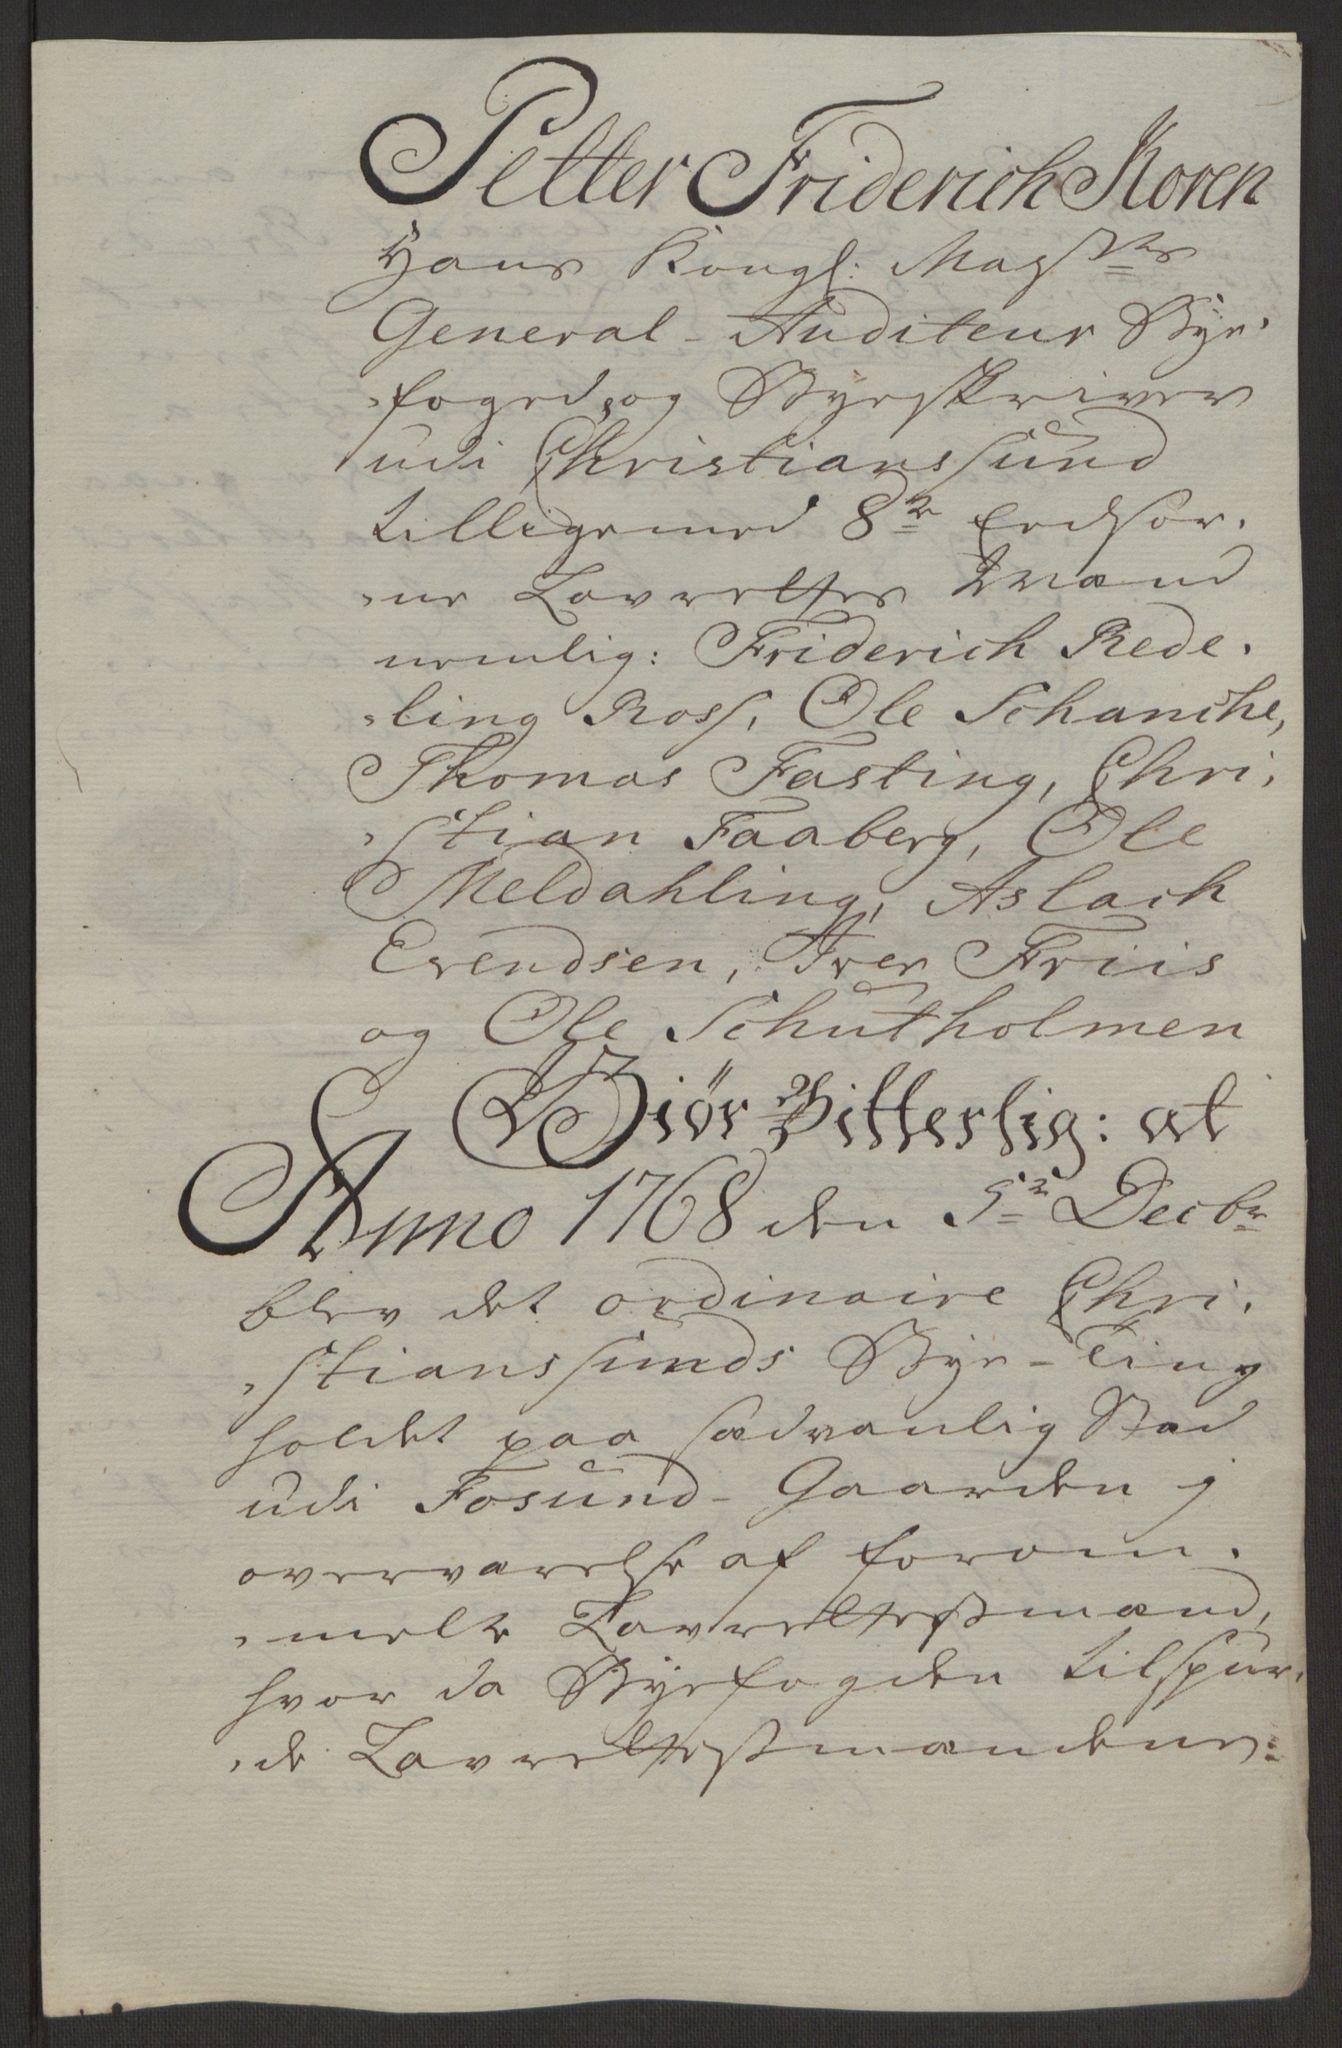 RA, Rentekammeret inntil 1814, Reviderte regnskaper, Byregnskaper, R/Rr/L0495: [R1] Kontribusjonsregnskap, 1762-1772, s. 194